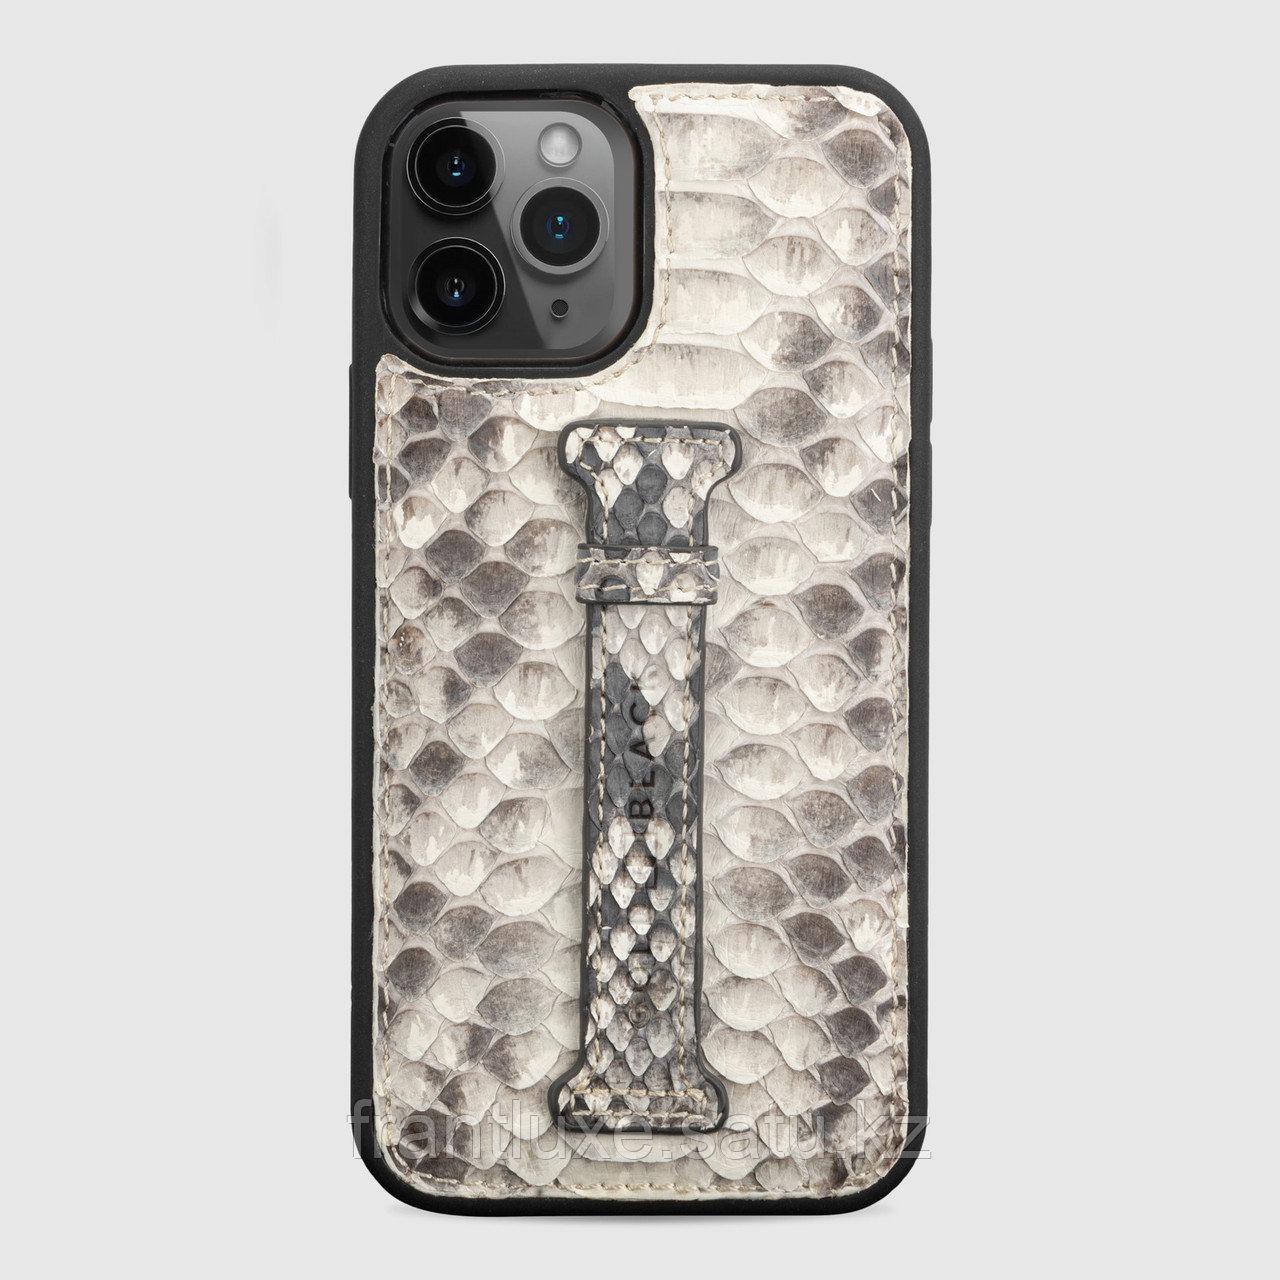 Чехол для телефона iPhone 12/12 Pro с ремешком-держателем питон натуральный - фото 1